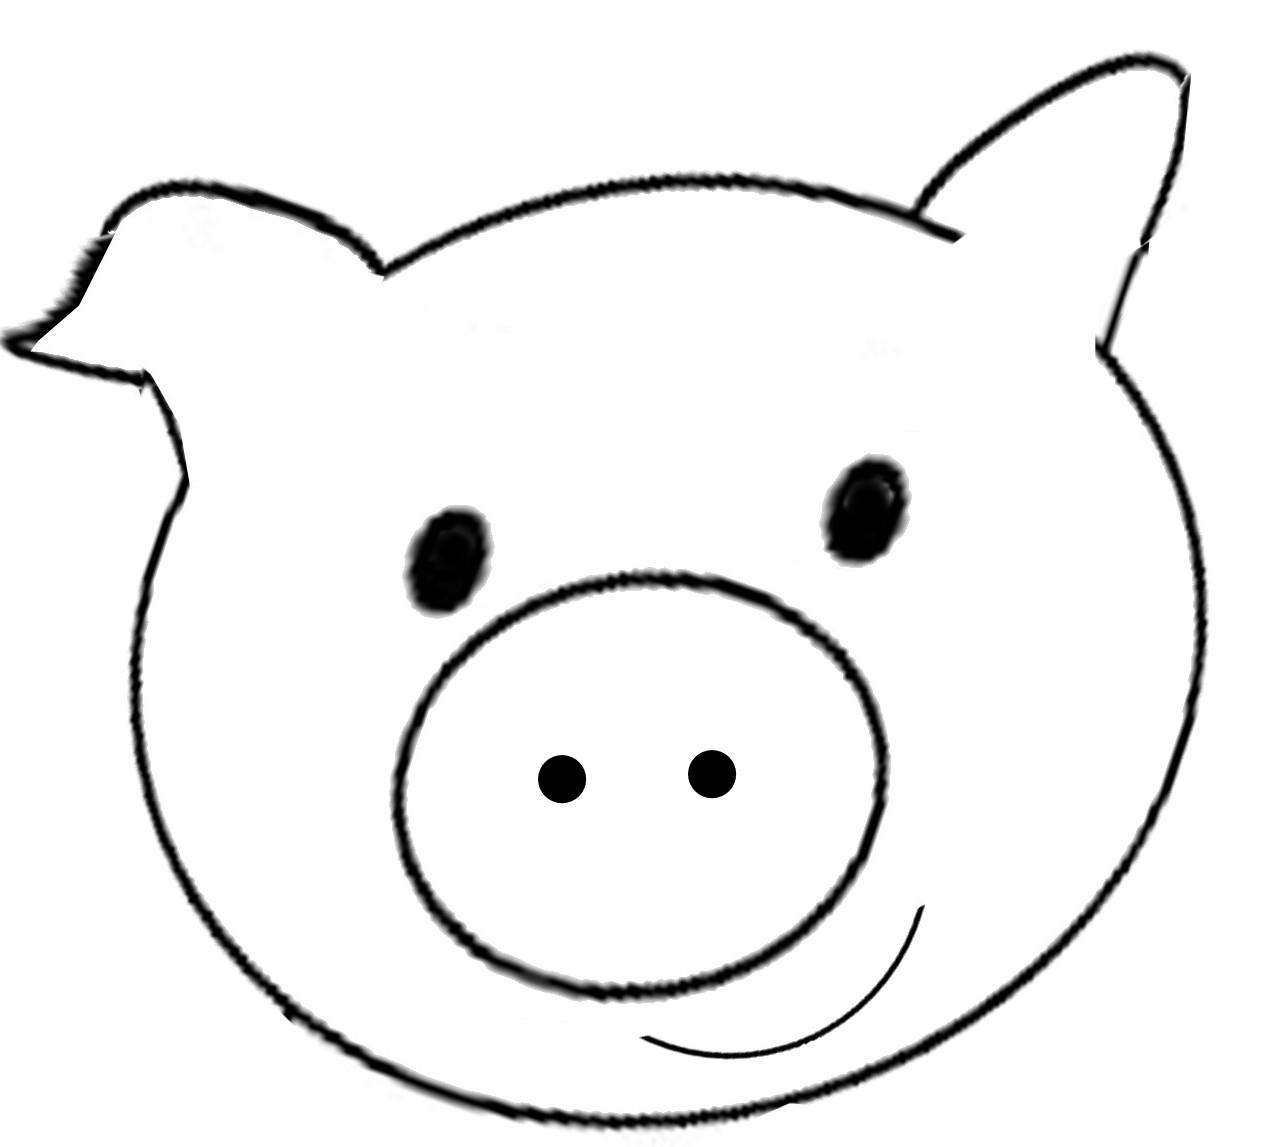 Clip Art Info - Pig Face Clipart